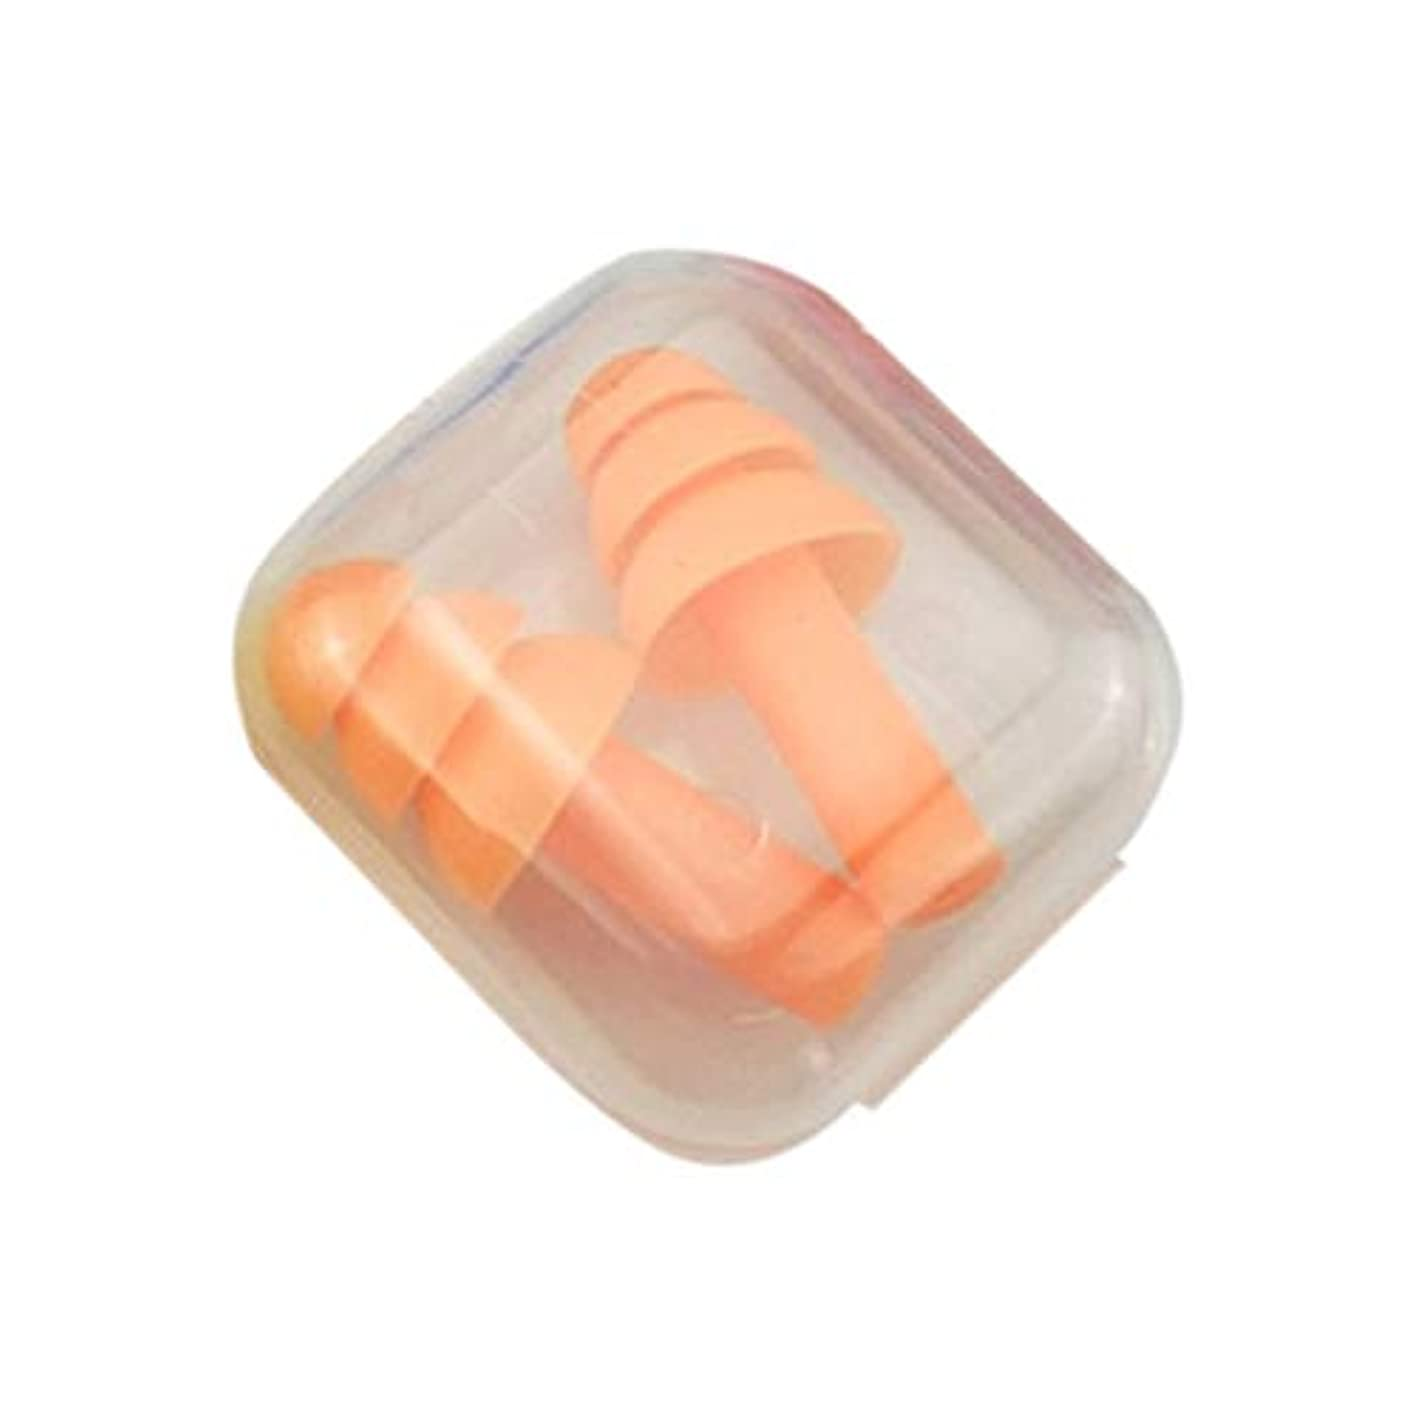 ドライ服を着るによってソフトシリコン耳栓遮音防音耳栓収納ボックス付き